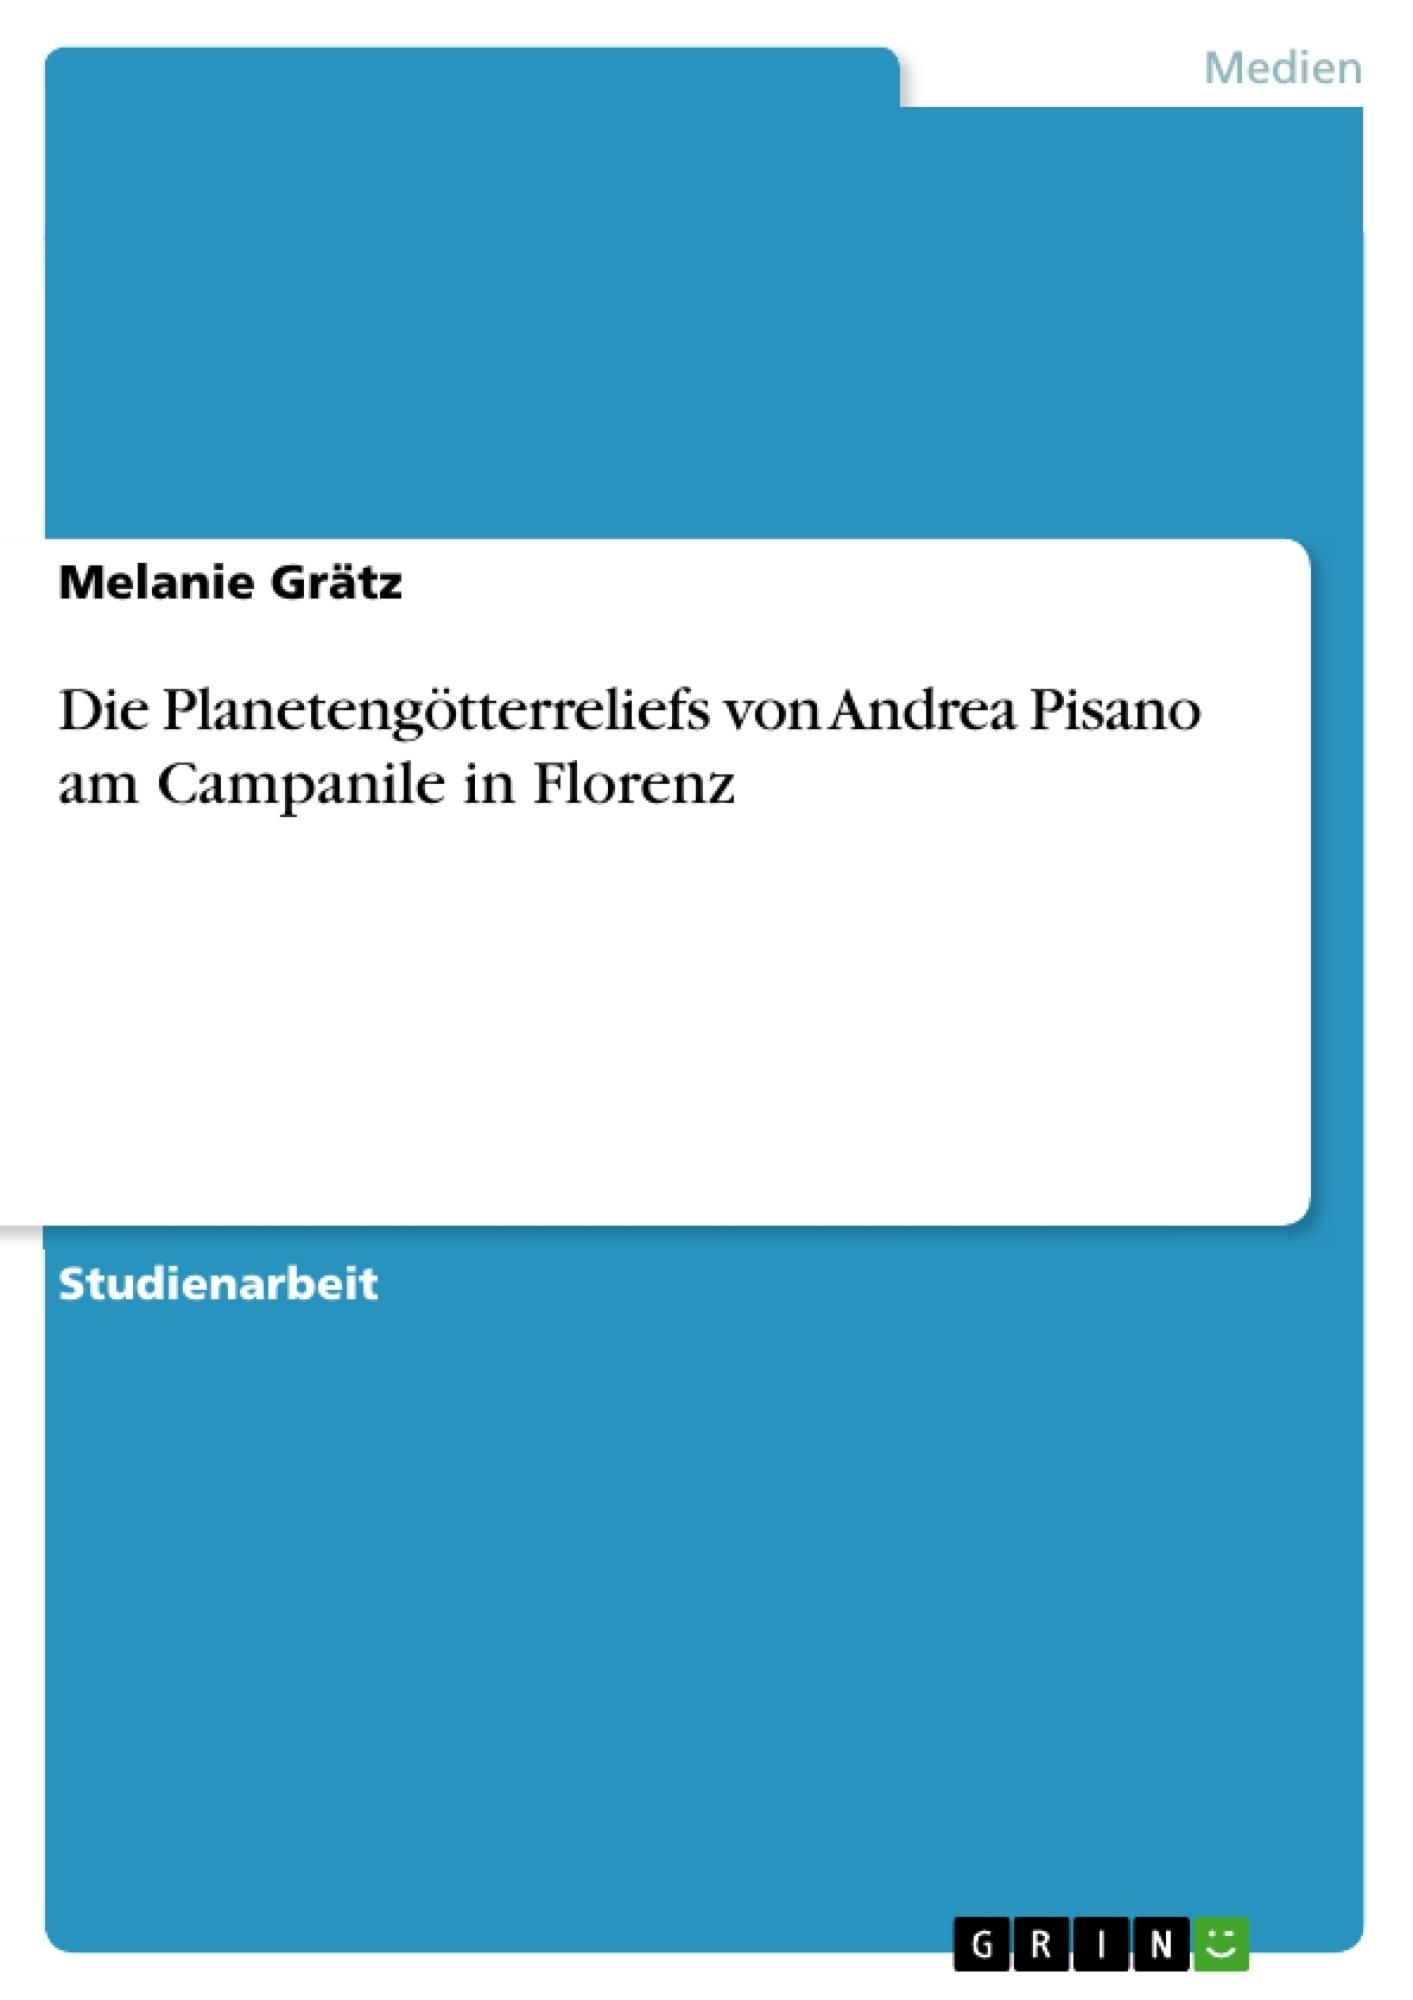 Titel: Die Planetengötterreliefs von Andrea Pisano am Campanile in Florenz